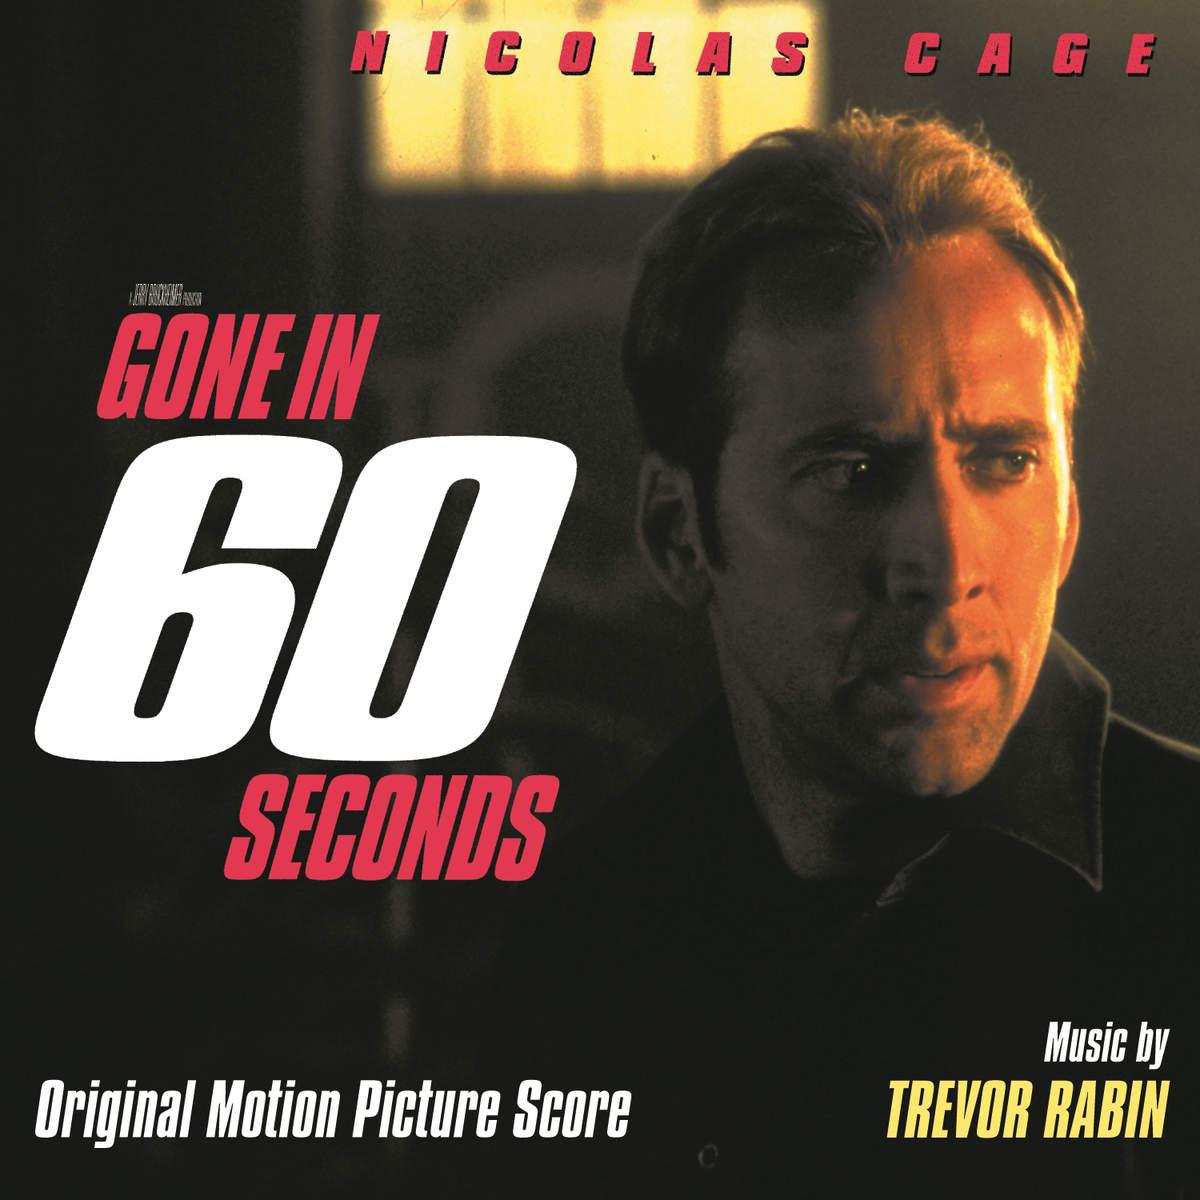 стиральных порошков саундтрек к фильму угнать 60 секунд ОГРАНИЧЕННОЙ ОТВЕТСТВЕННОСТЬЮ